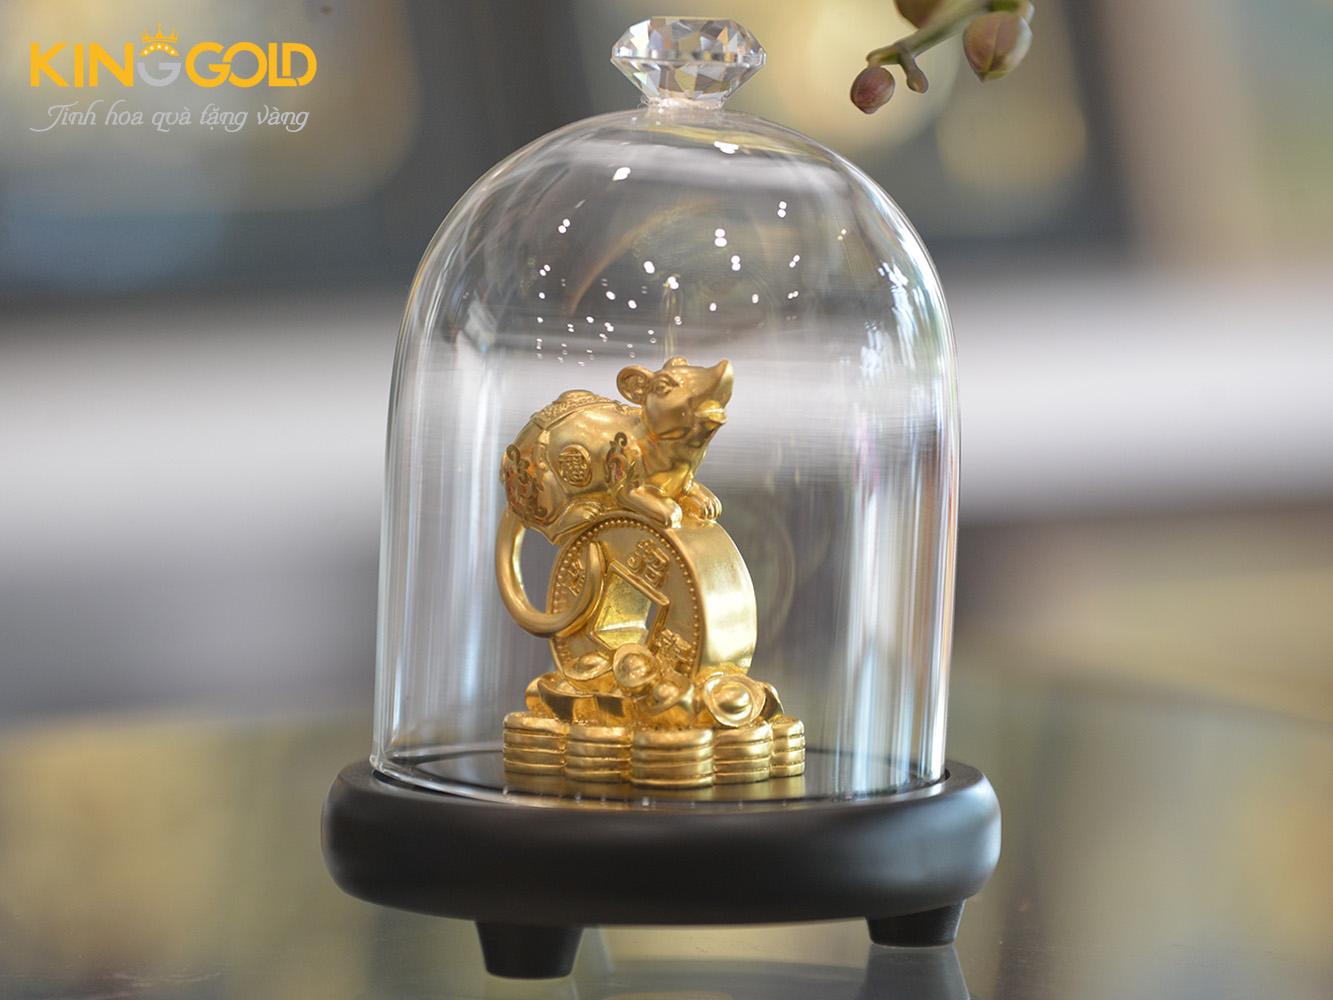 Dịch vụ mạ vàng tại King Gold – Bạn đã thử chưa?